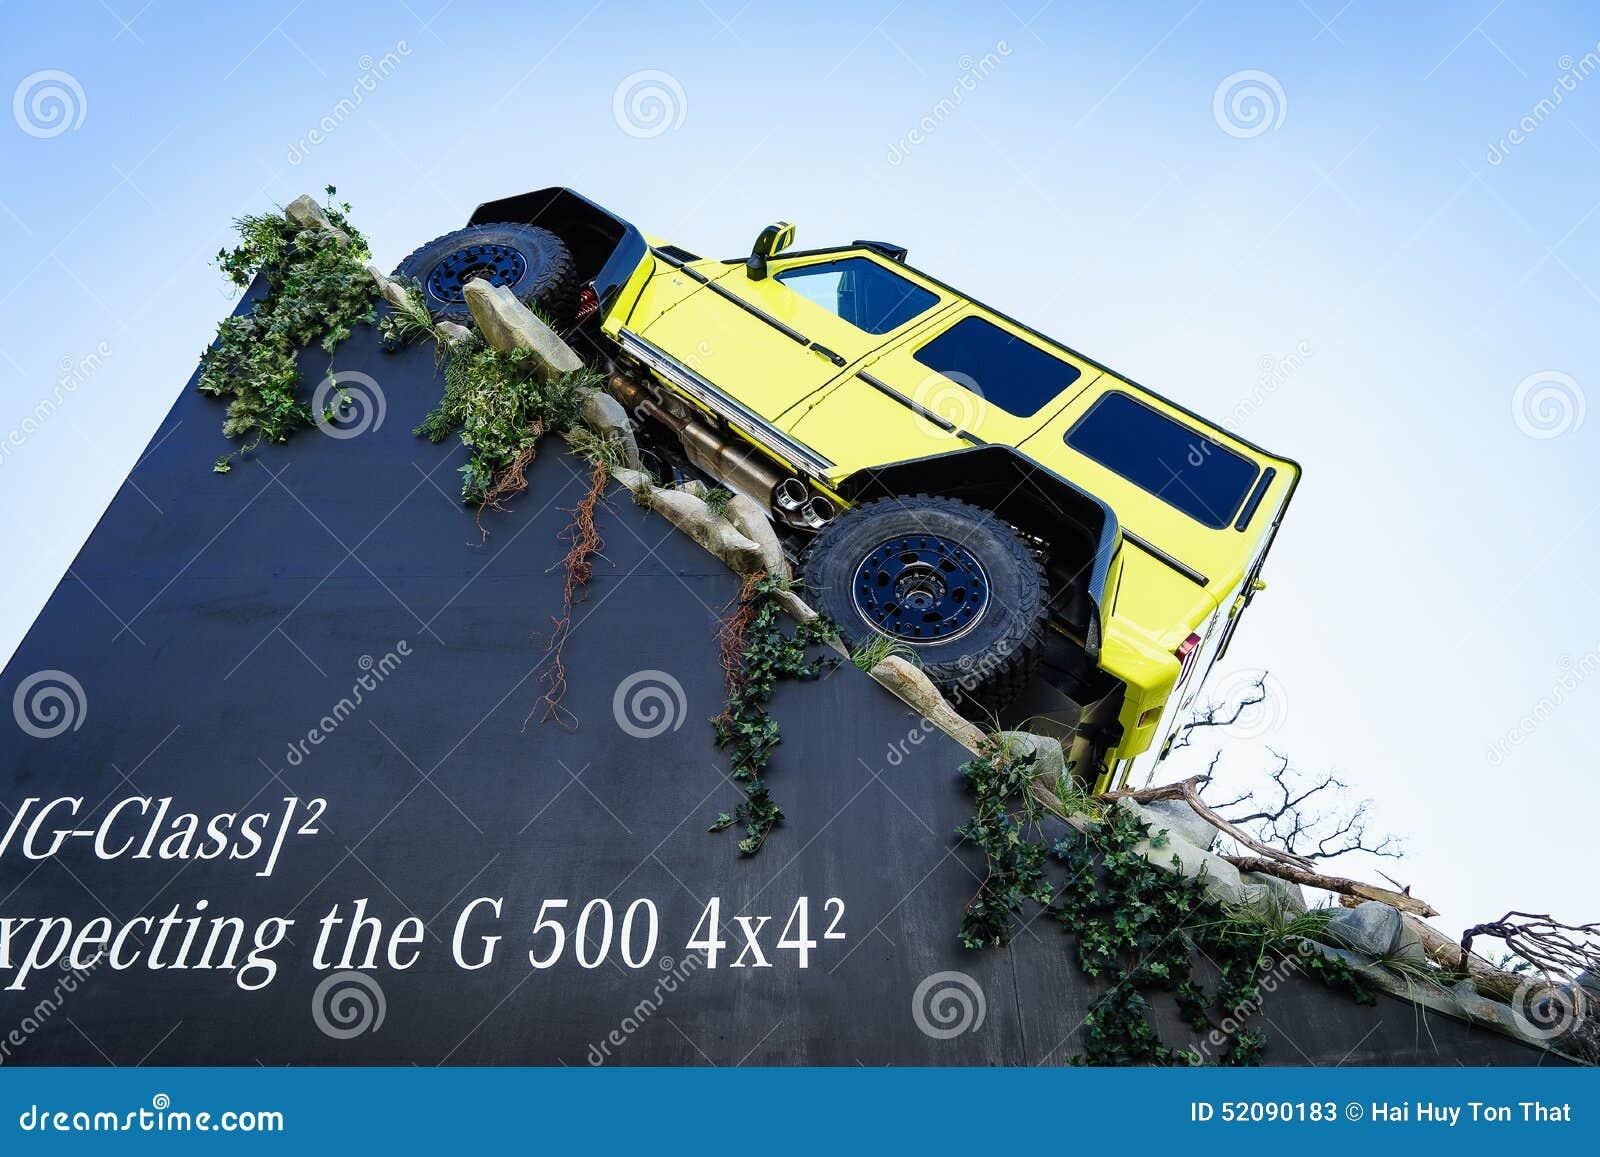 期待新的展示汽车G 500 4x4,汽车展示会日内瓦的奔驰车电视2015年